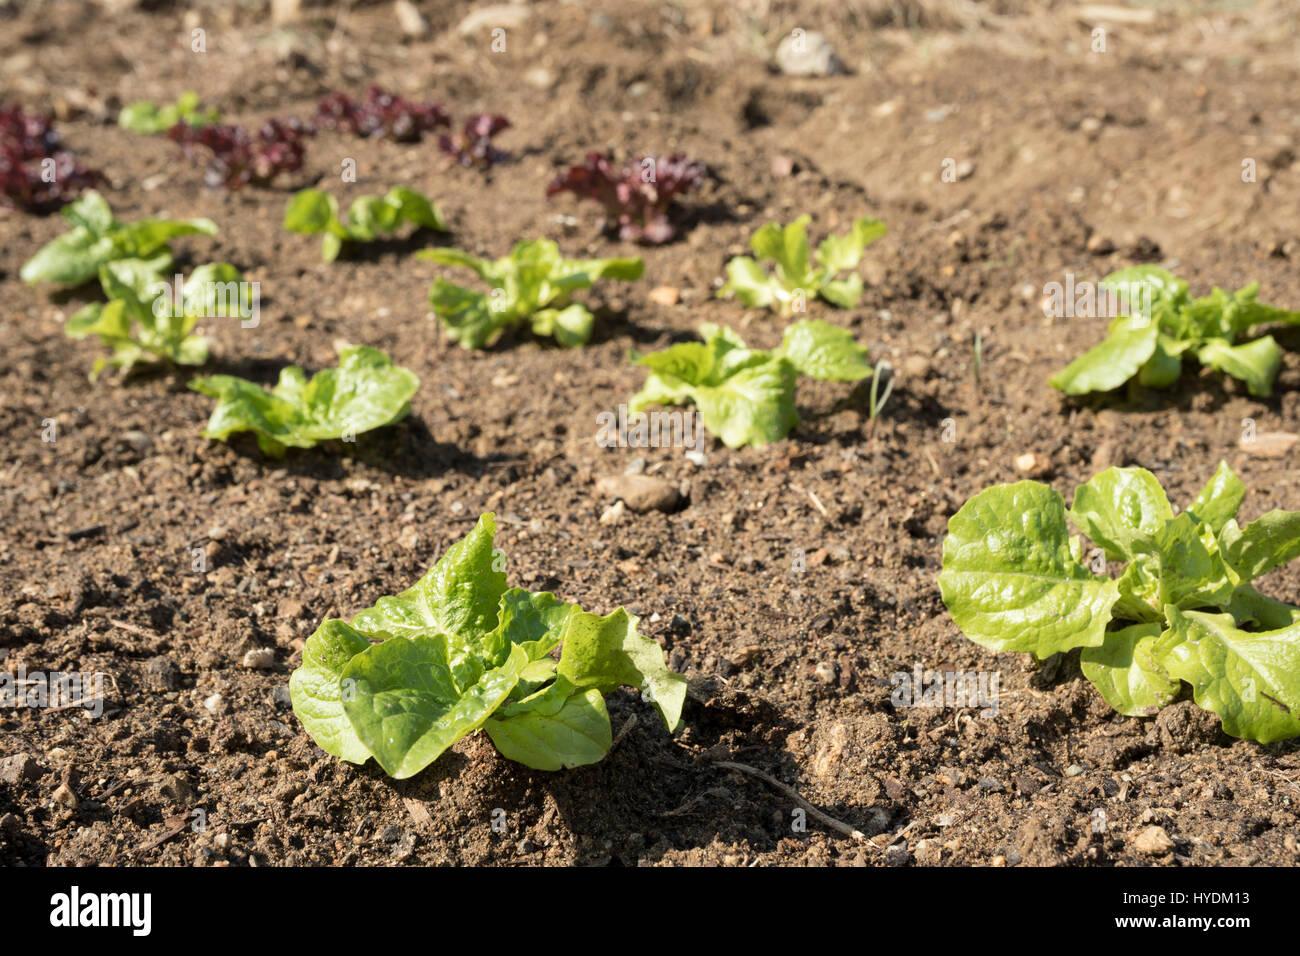 a vegetable garden near my house Stock Photo: 137369375 - Alamy